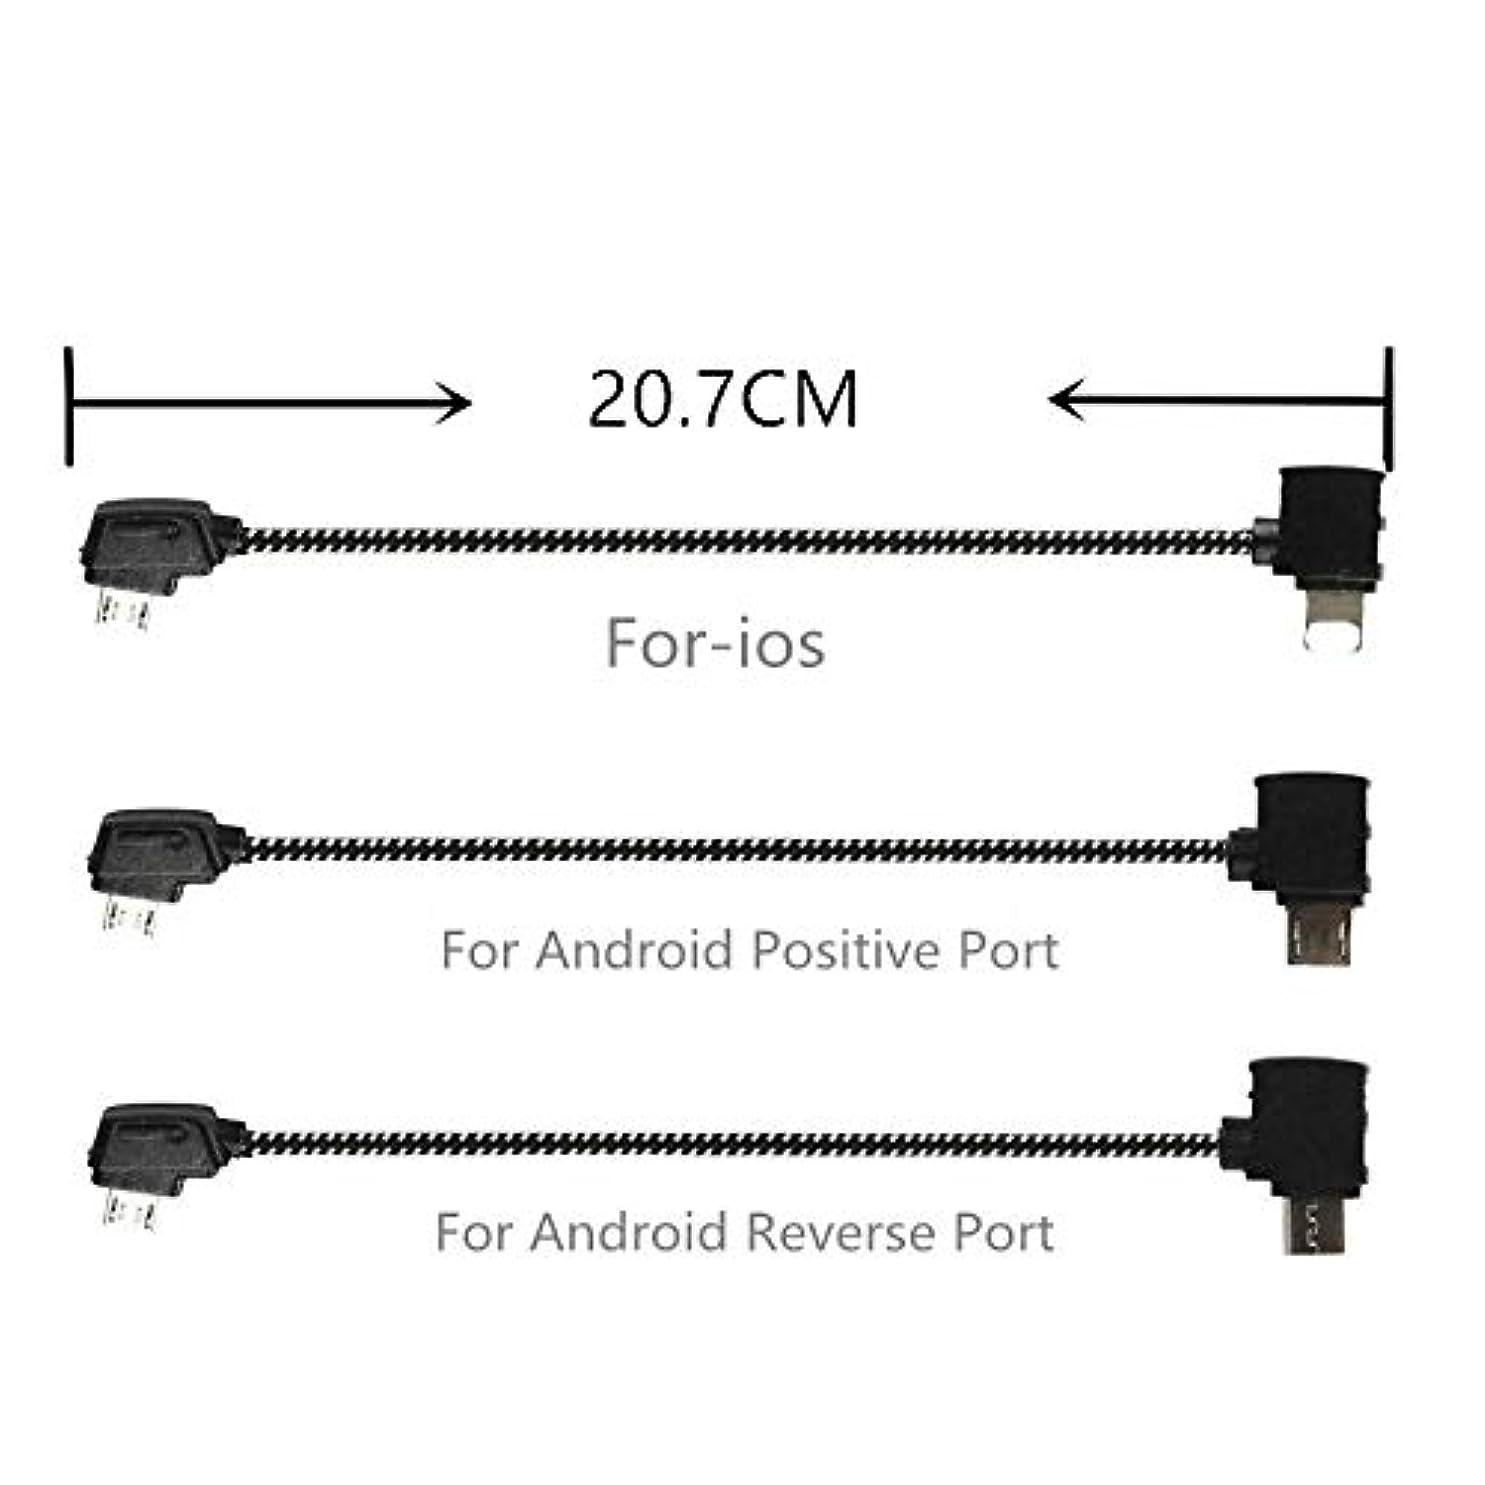 アベニューレスリングフェッチ20.7 センチ拡張ケーブルラインリモコン接続携帯電話タブレットデータライン Dji Mavic プロ/空気マヴィック 2 ドローン-バンドル 3